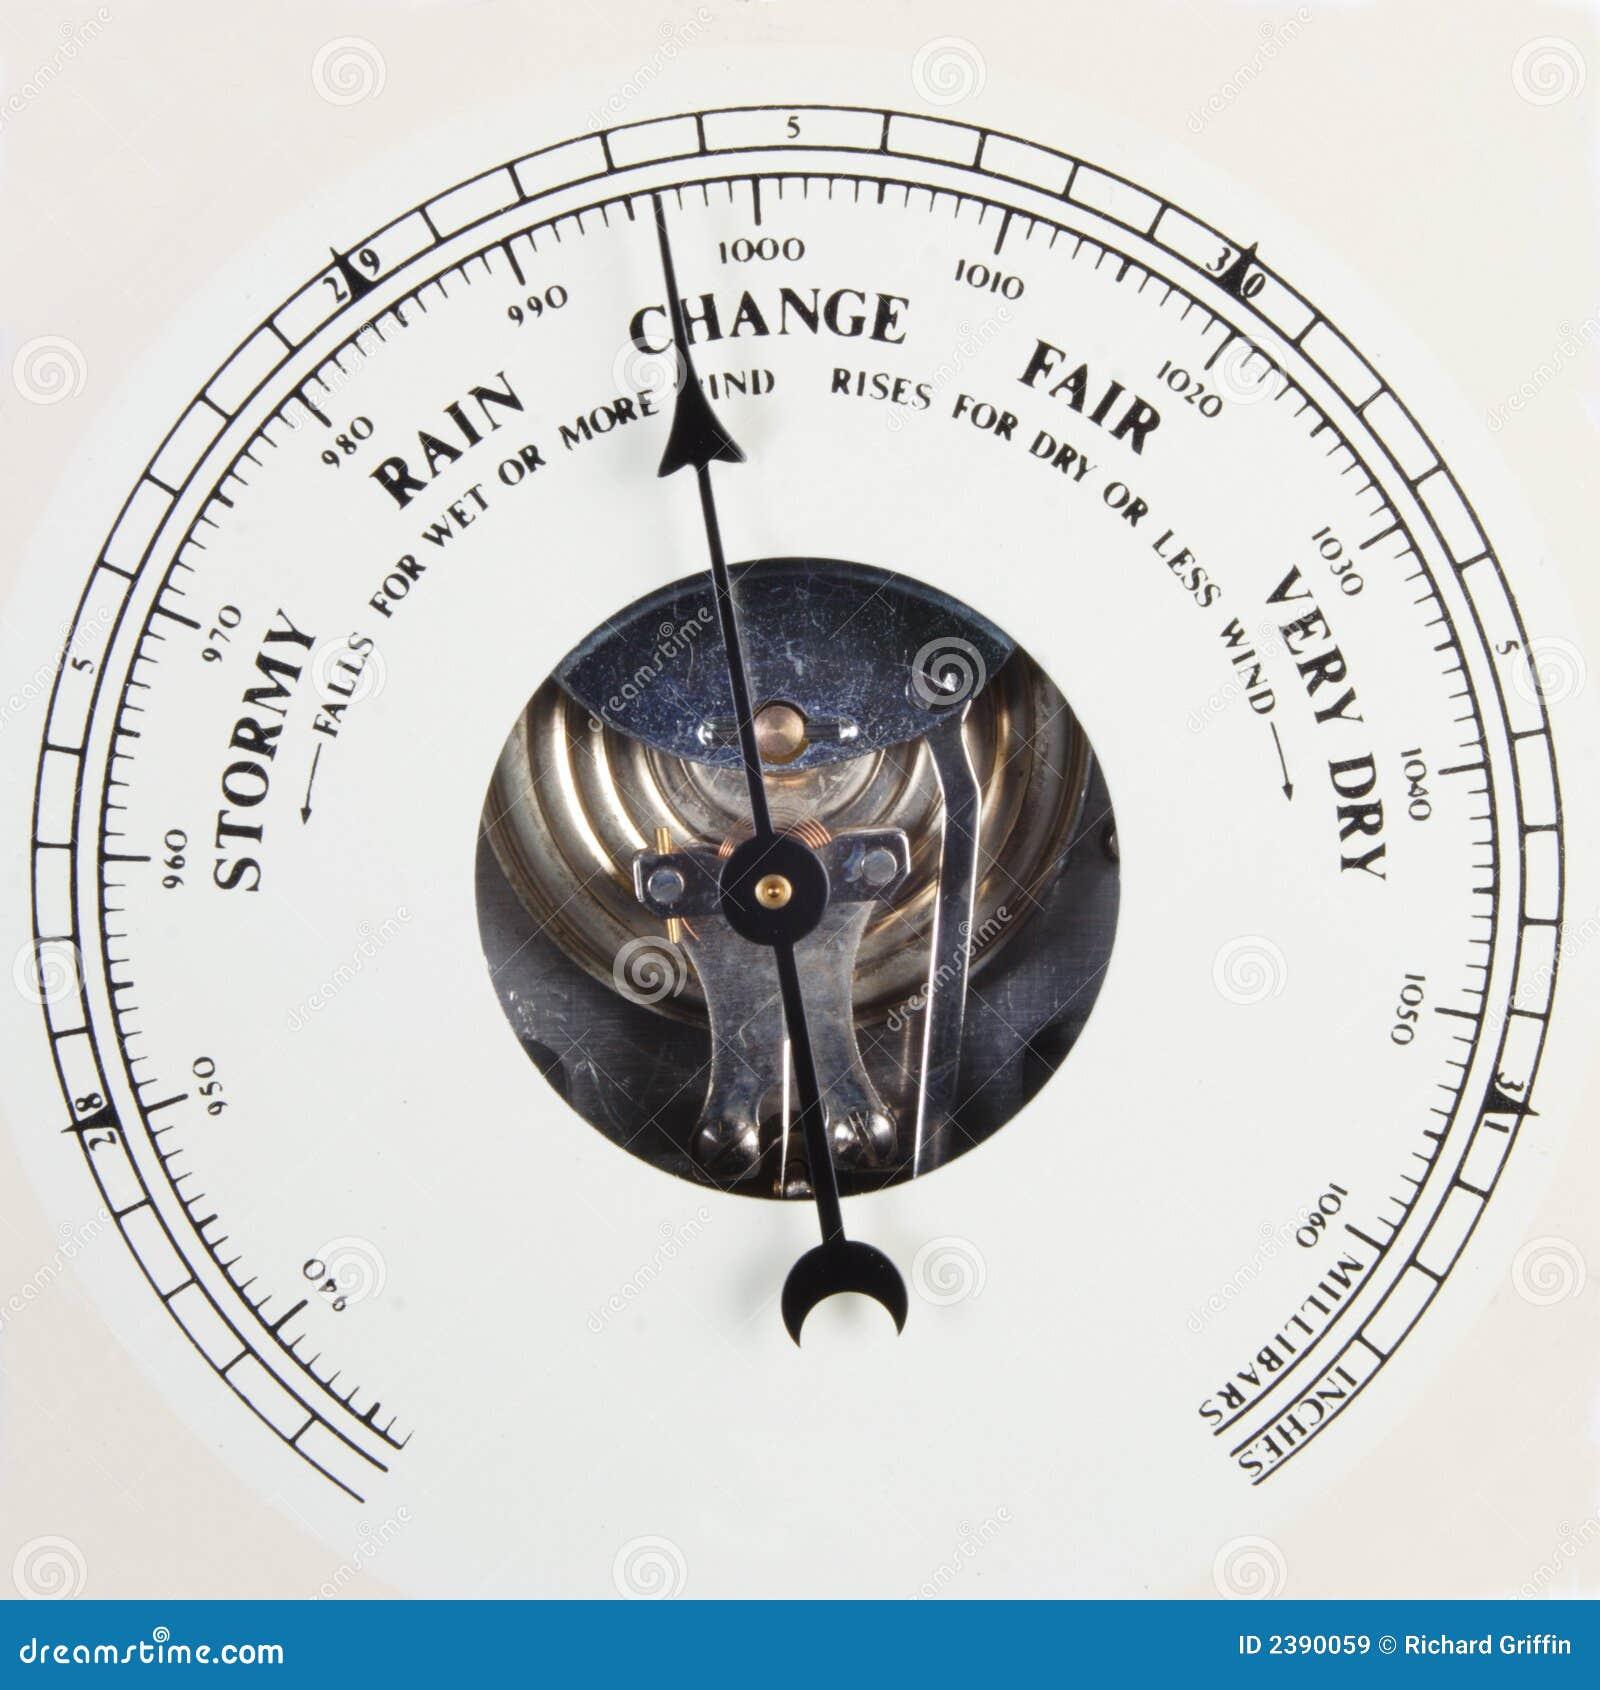 Barometer dial set to change